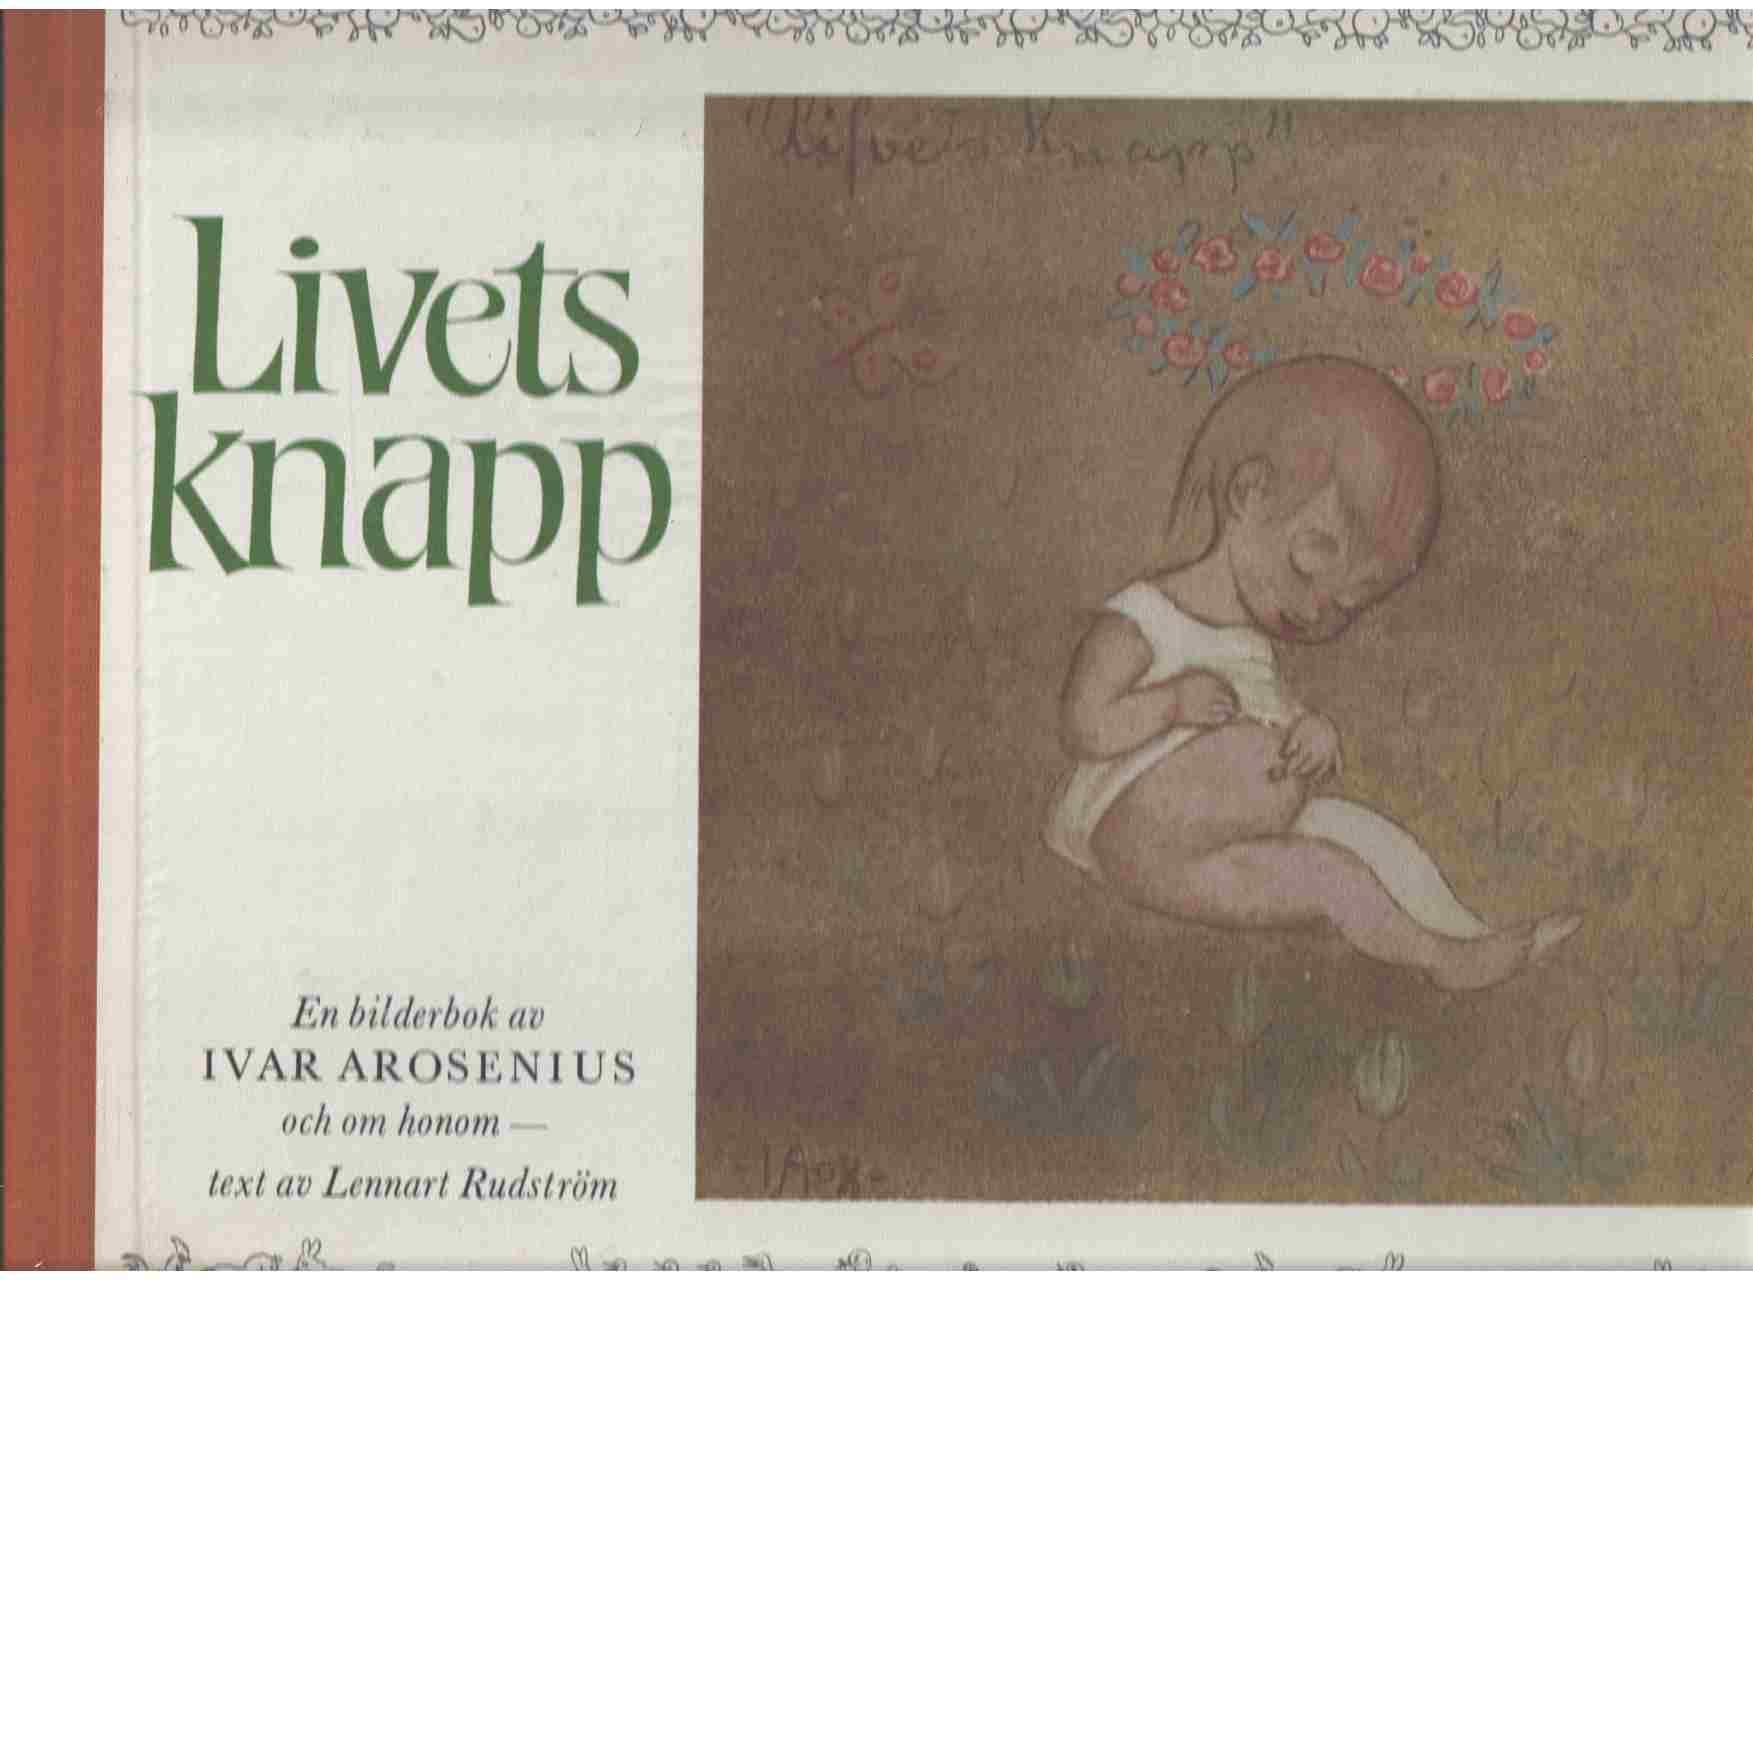 Livets knapp : en bilderbok av Ivar Arosenius och om honom - Arosenius, Ivar och Rudström, Lennart